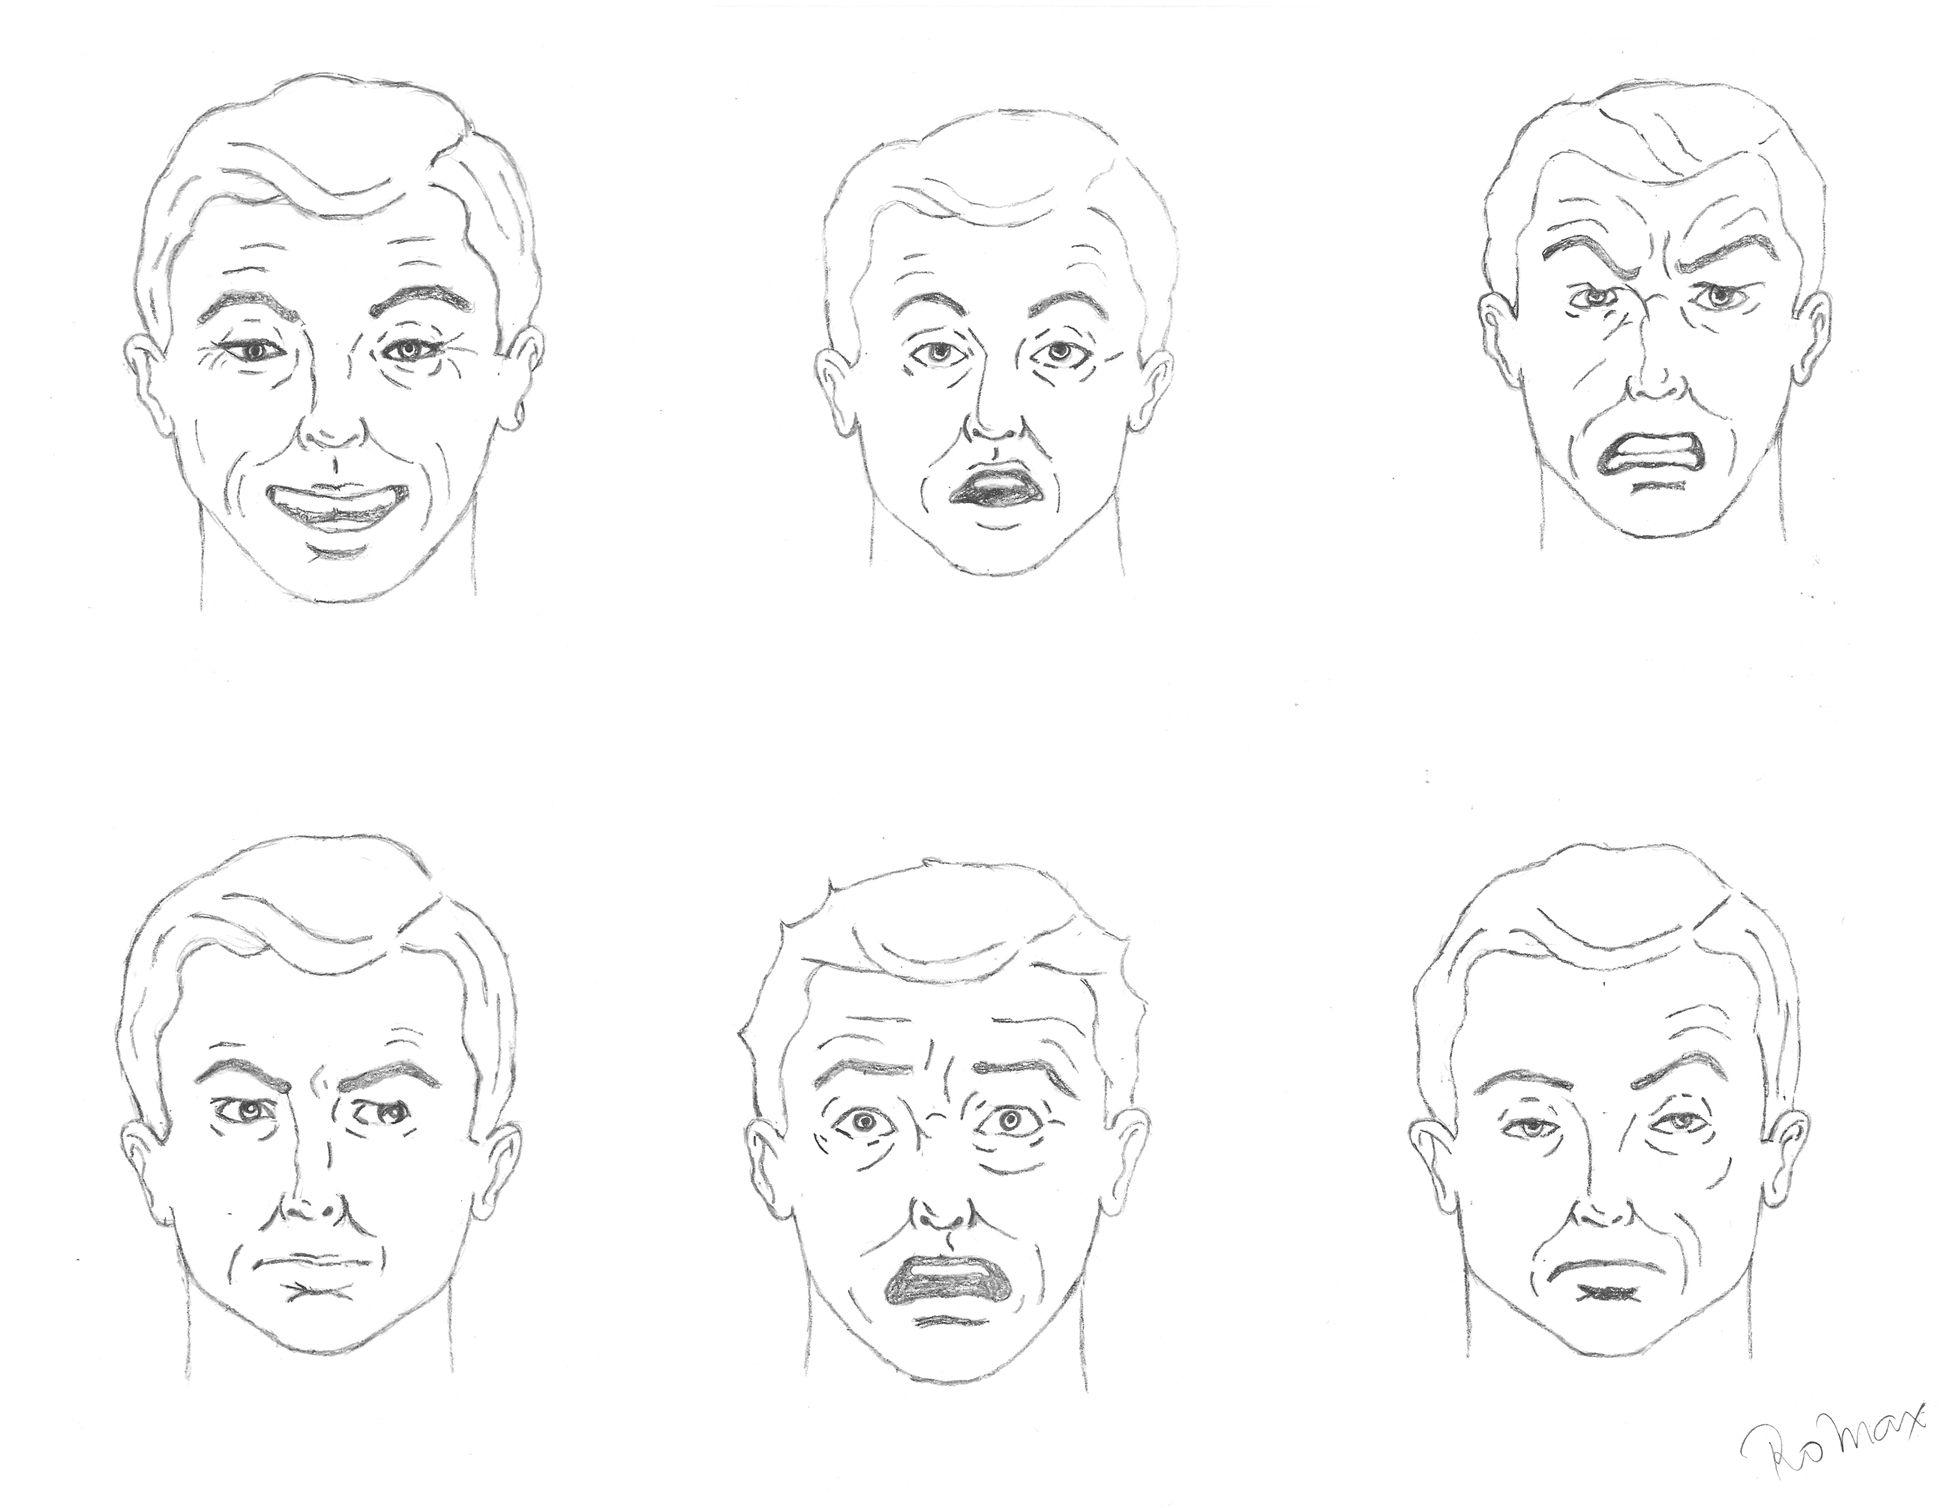 Estudo de expressões